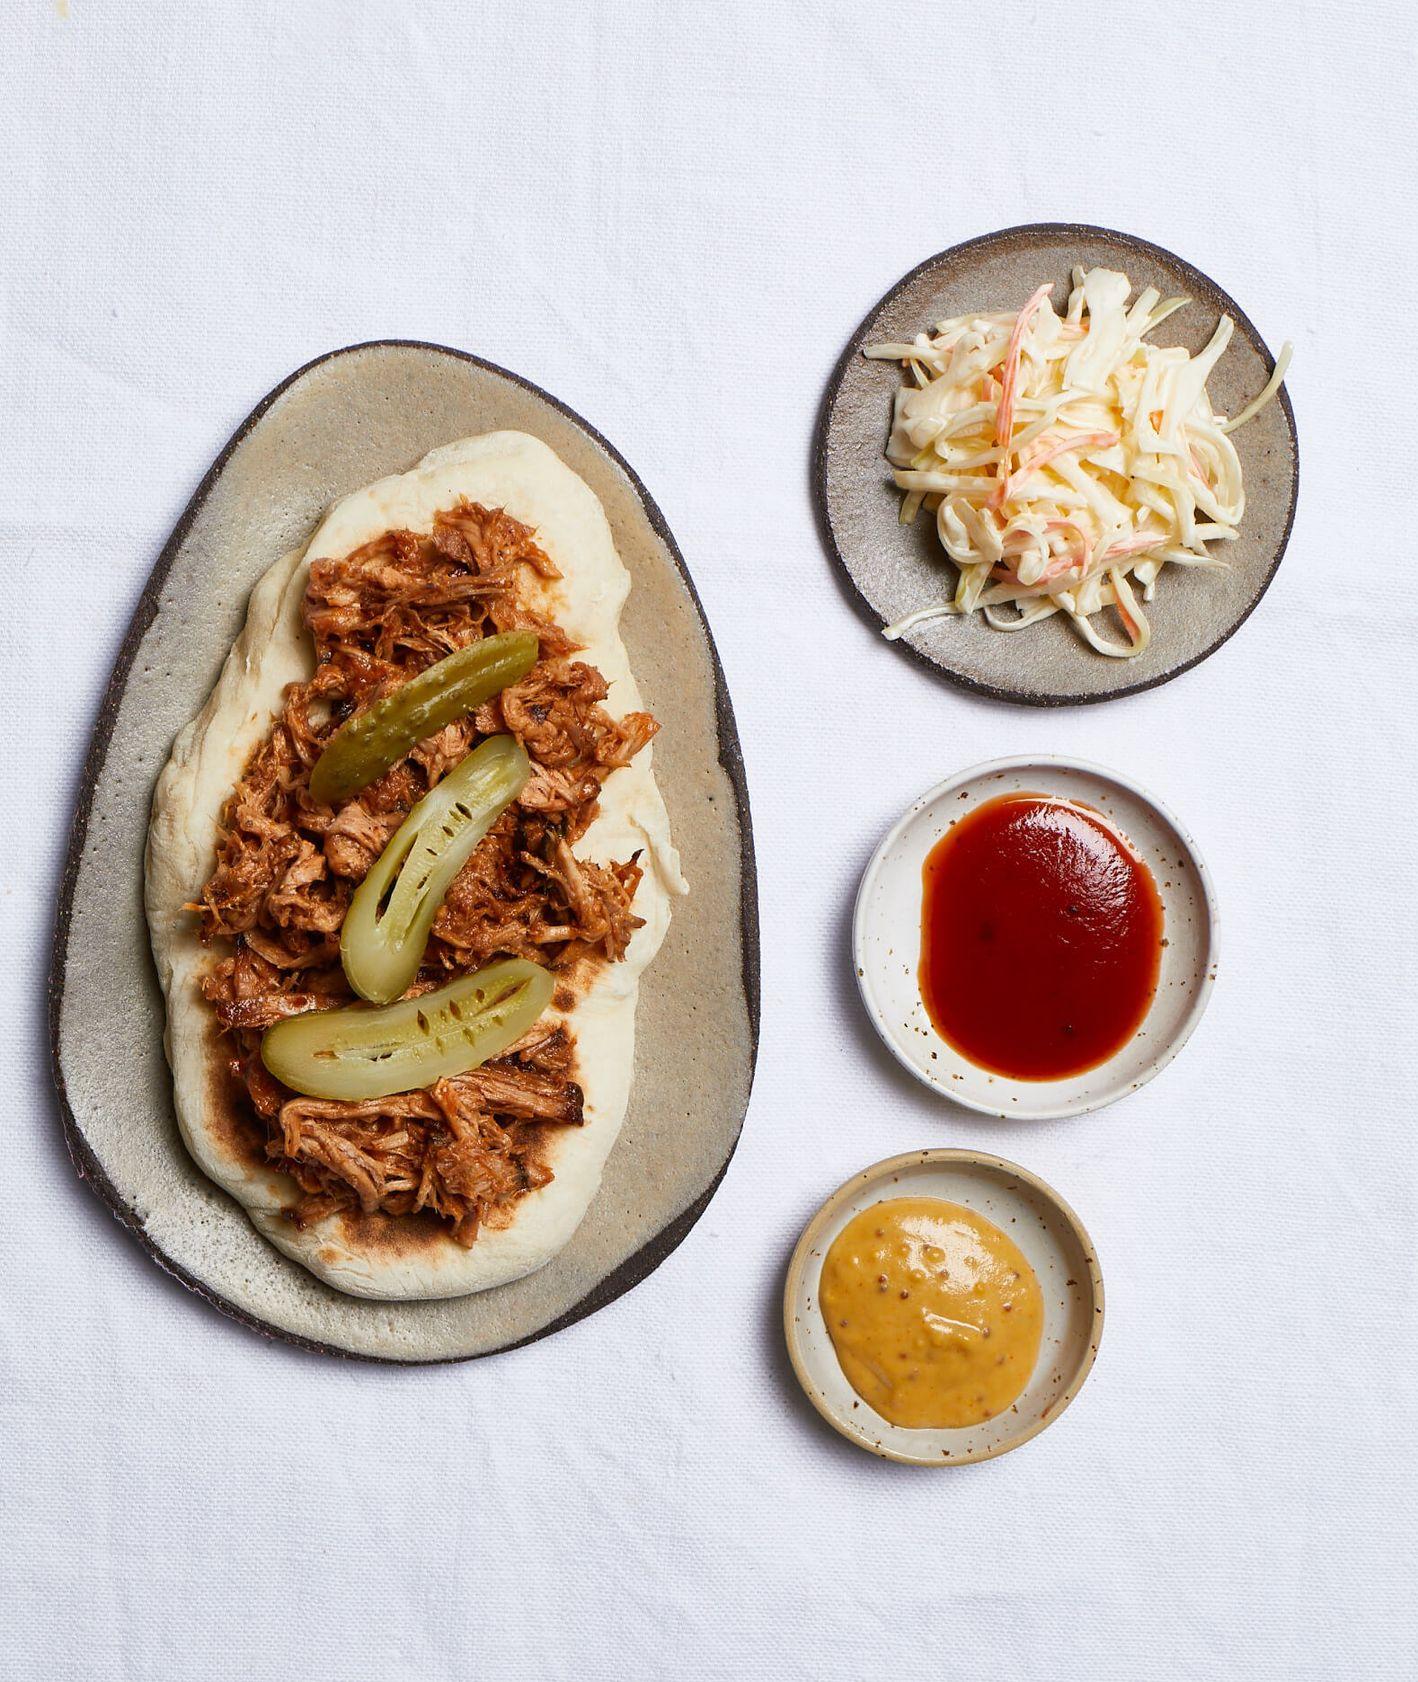 kanapka z szarpaną wołowiną, szarpana włowina, pulled pork, sałatka colesław, domowy colesław, sos barbecue, domowy flatbread, chlebek z patelni, przekąski na przyjęcie,